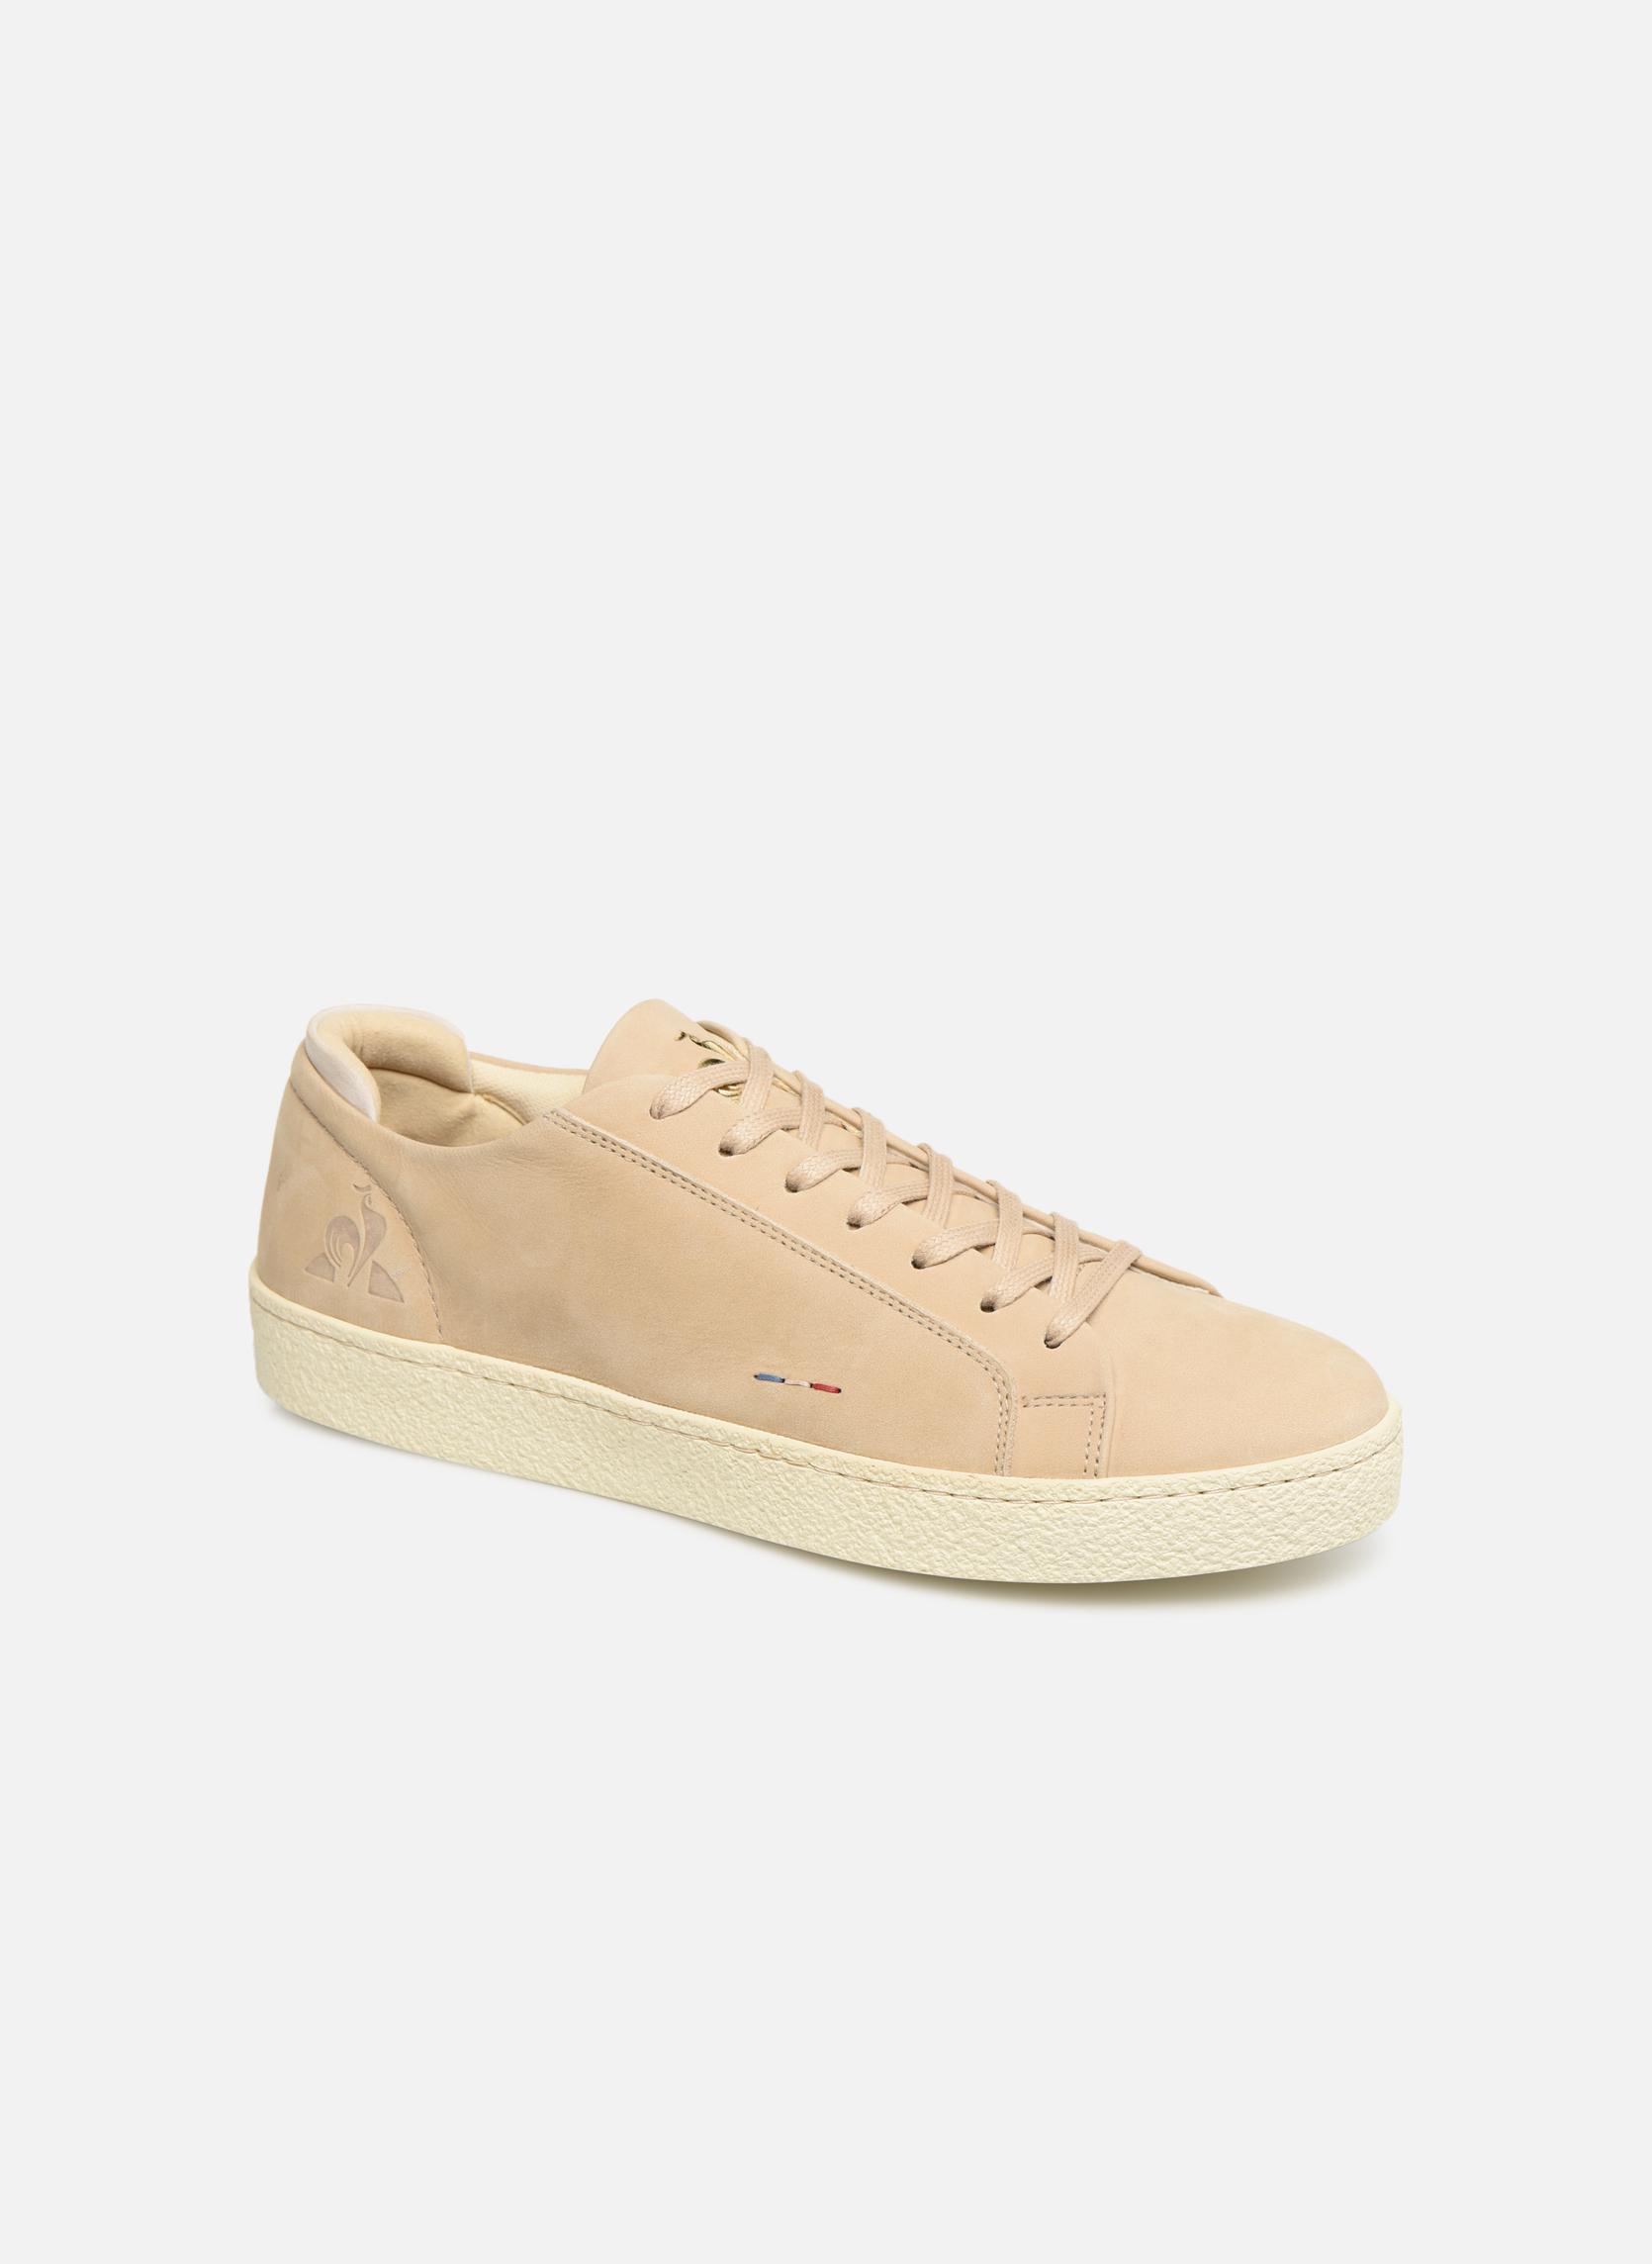 Sneakers Le Coq Sportif Beige